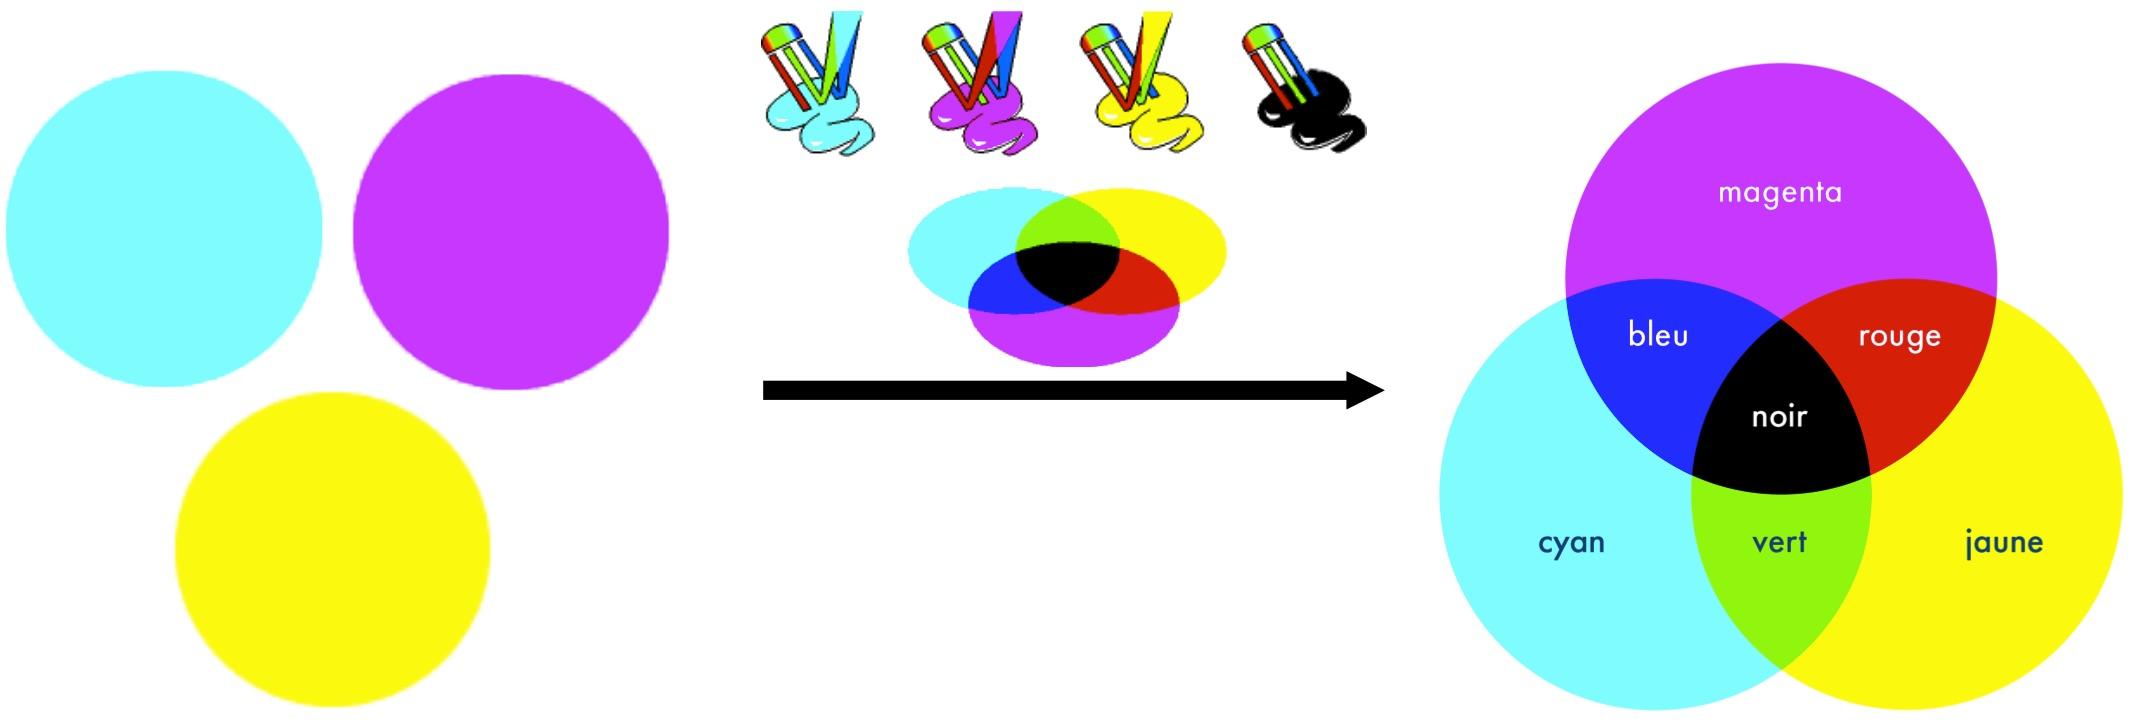 Synthèse soustractive : des pigments colorés (couleurs primaires) s'ajoutent pour former d'autres couleurs, par réfléchissement de lumière incidente